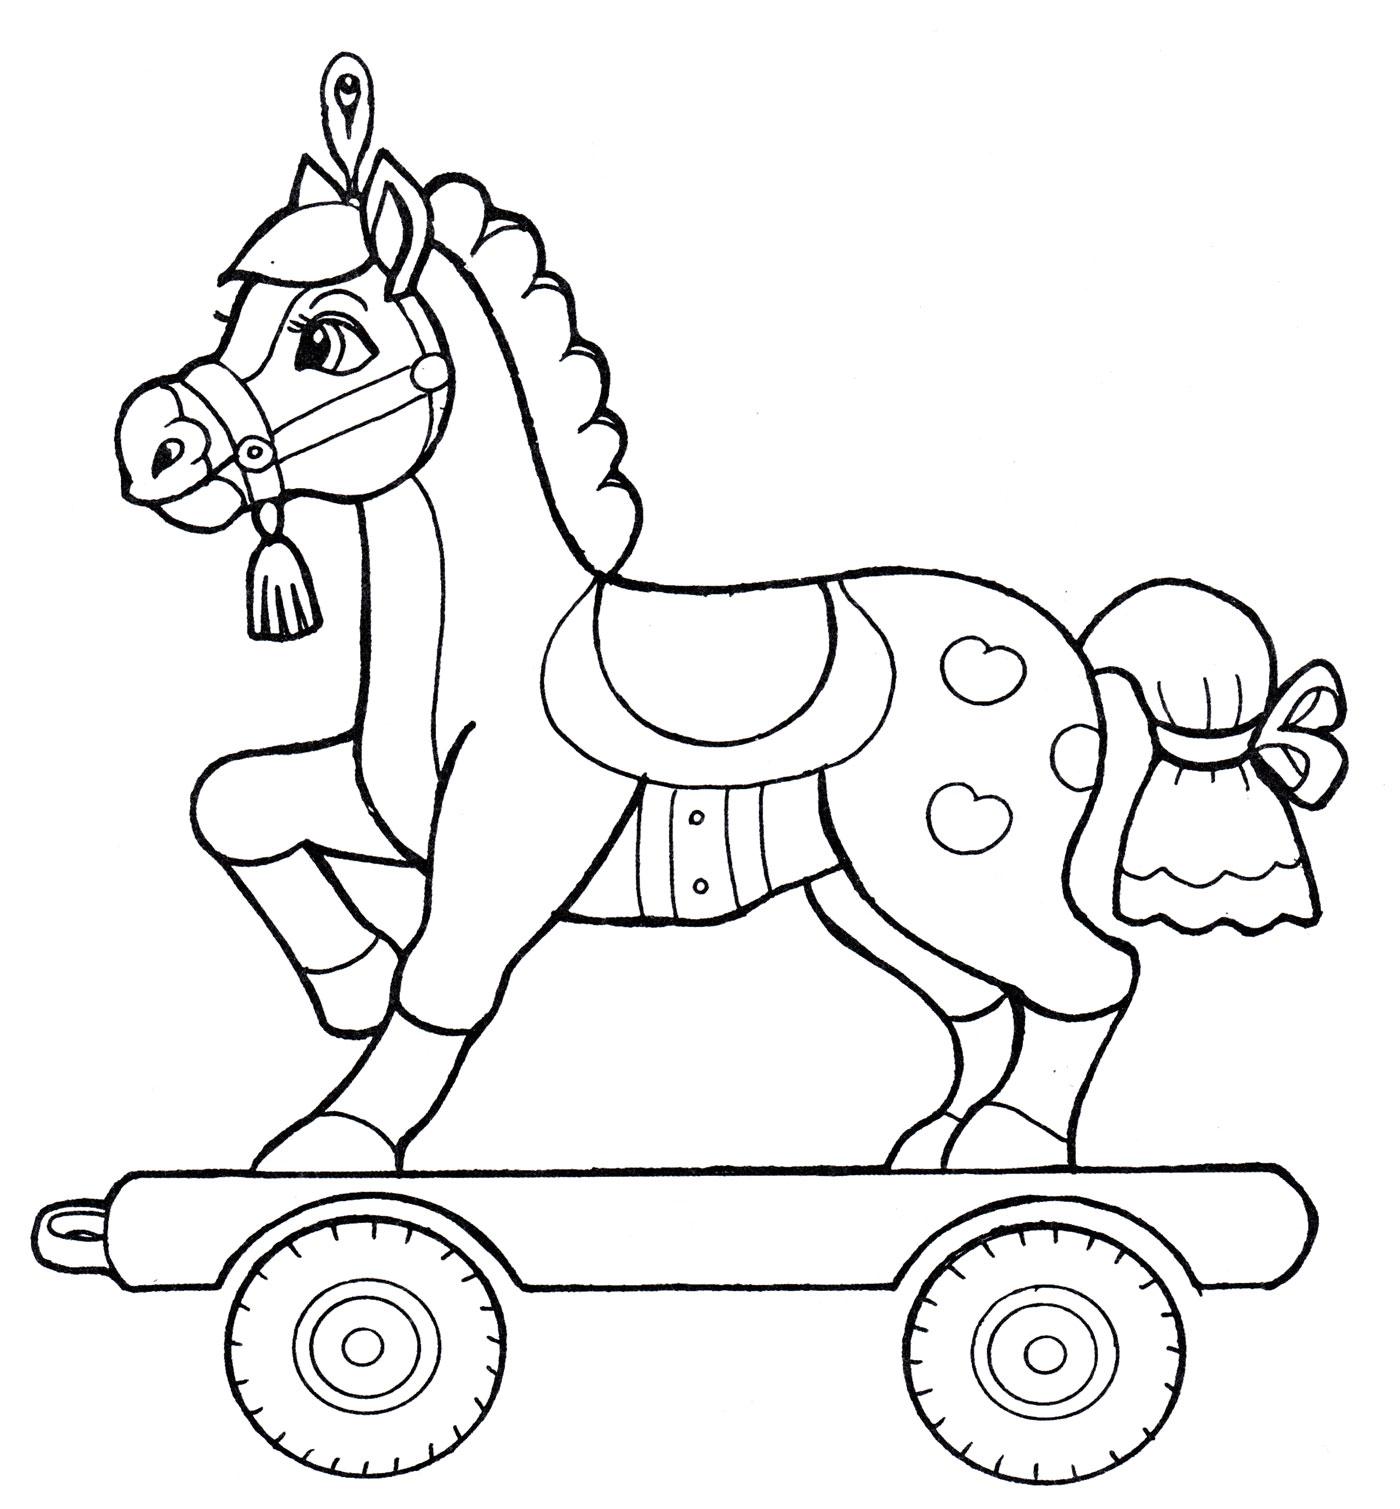 Раскраска Пони на колесах - распечатать бесплатно